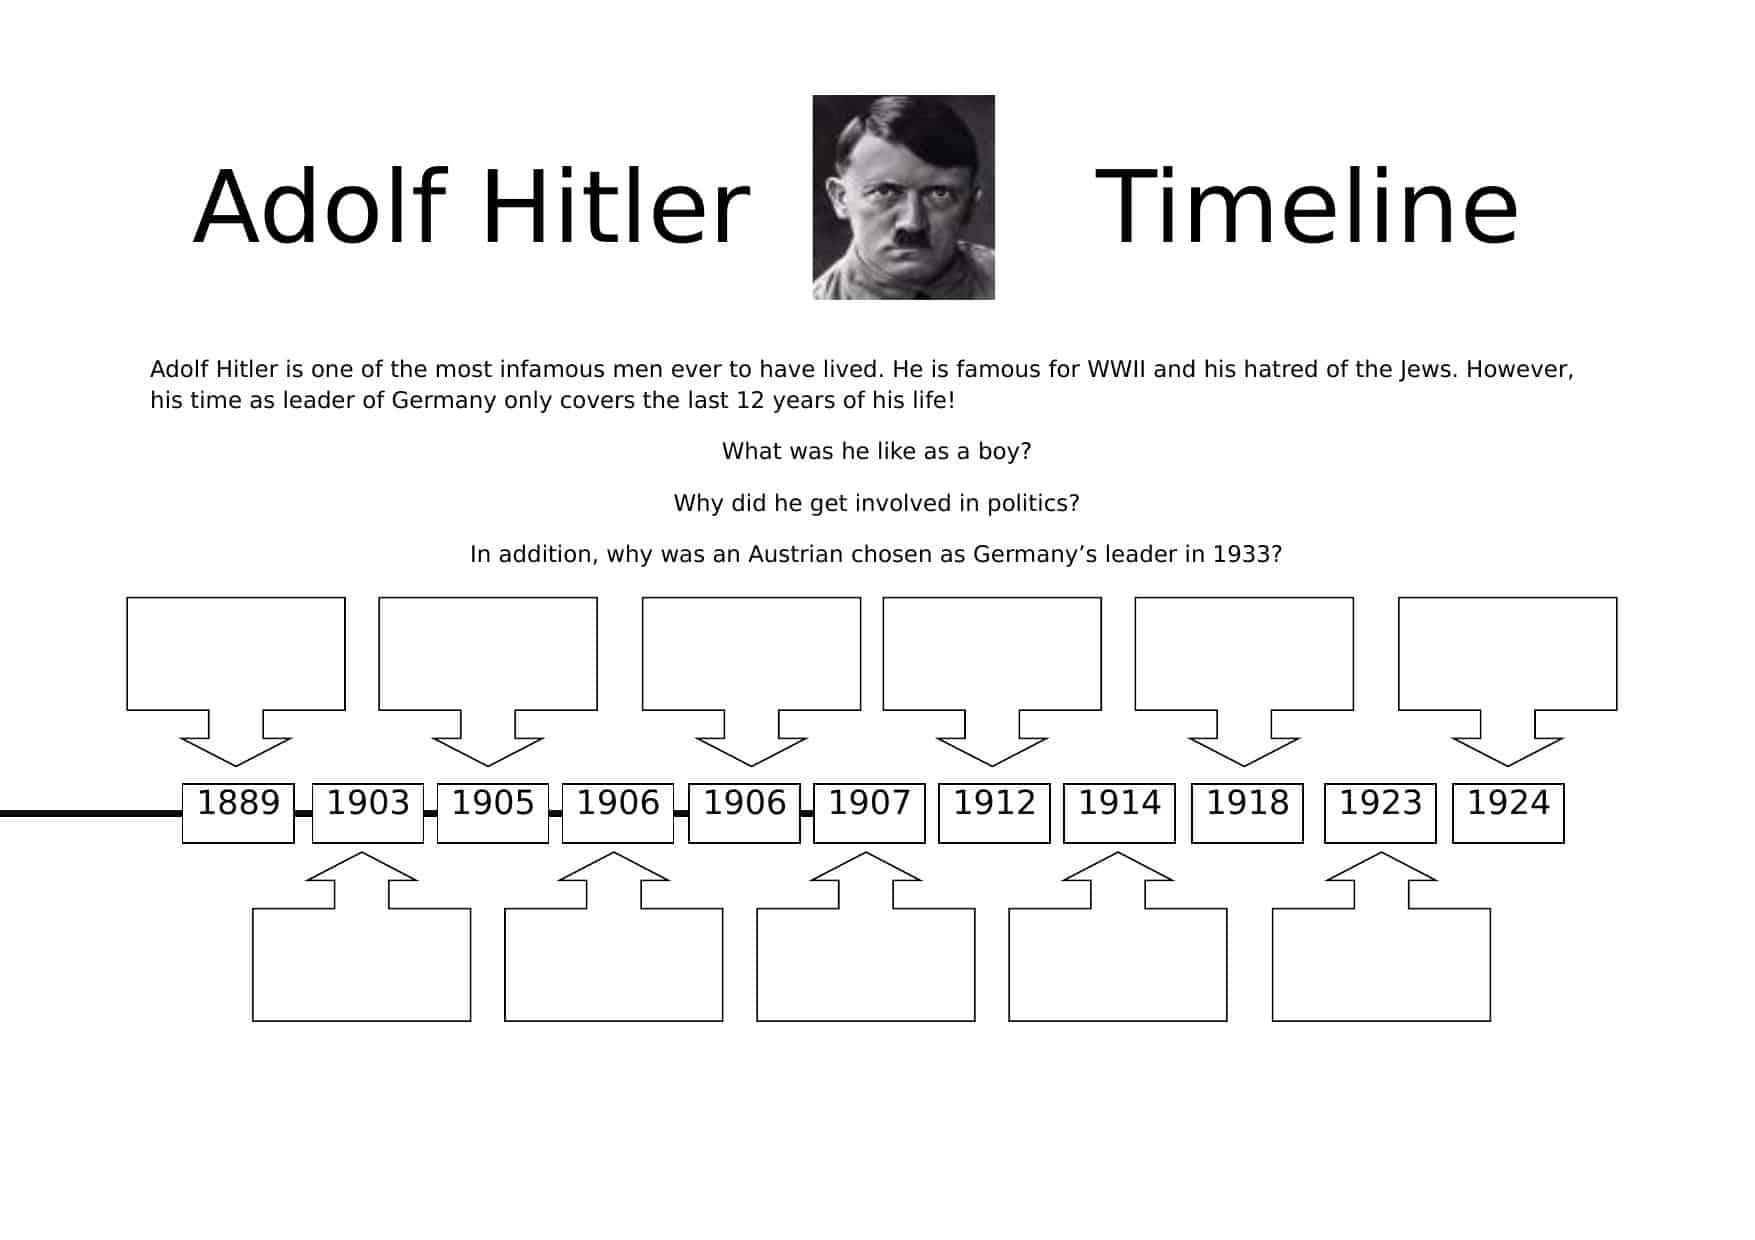 Adolf Hitler Timeline Worksheet